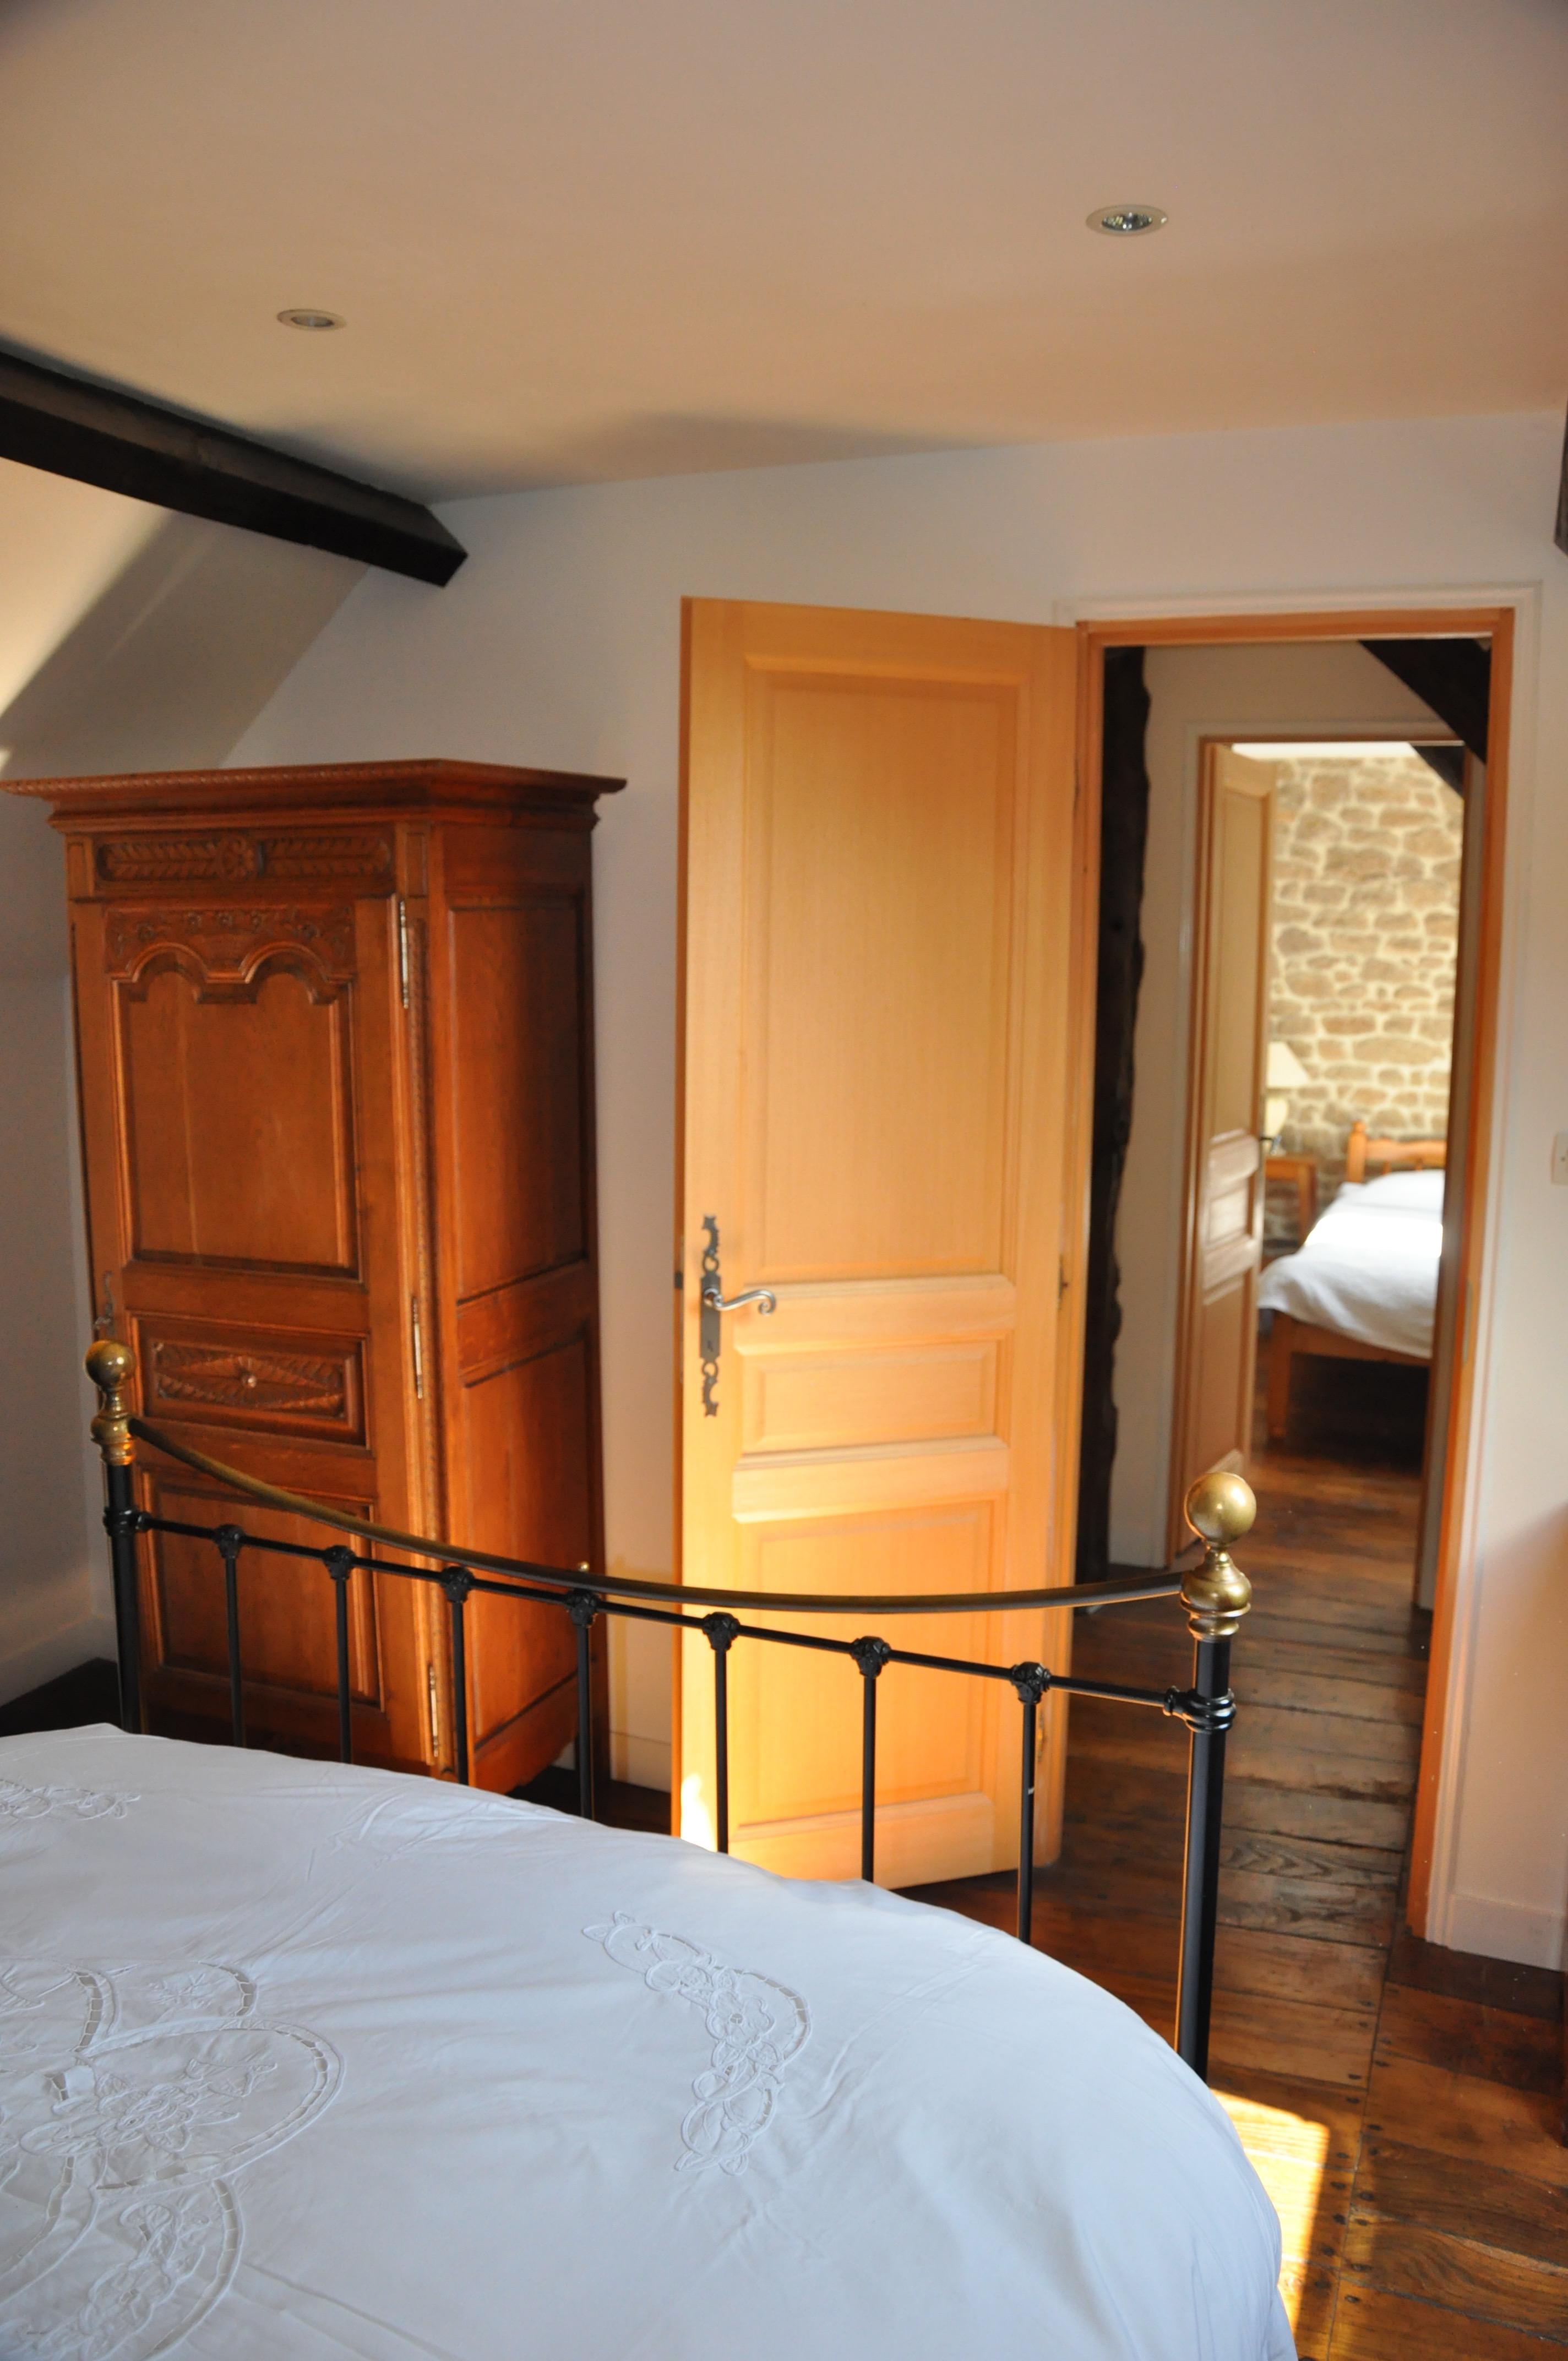 La Herpiniere Main Bedroom